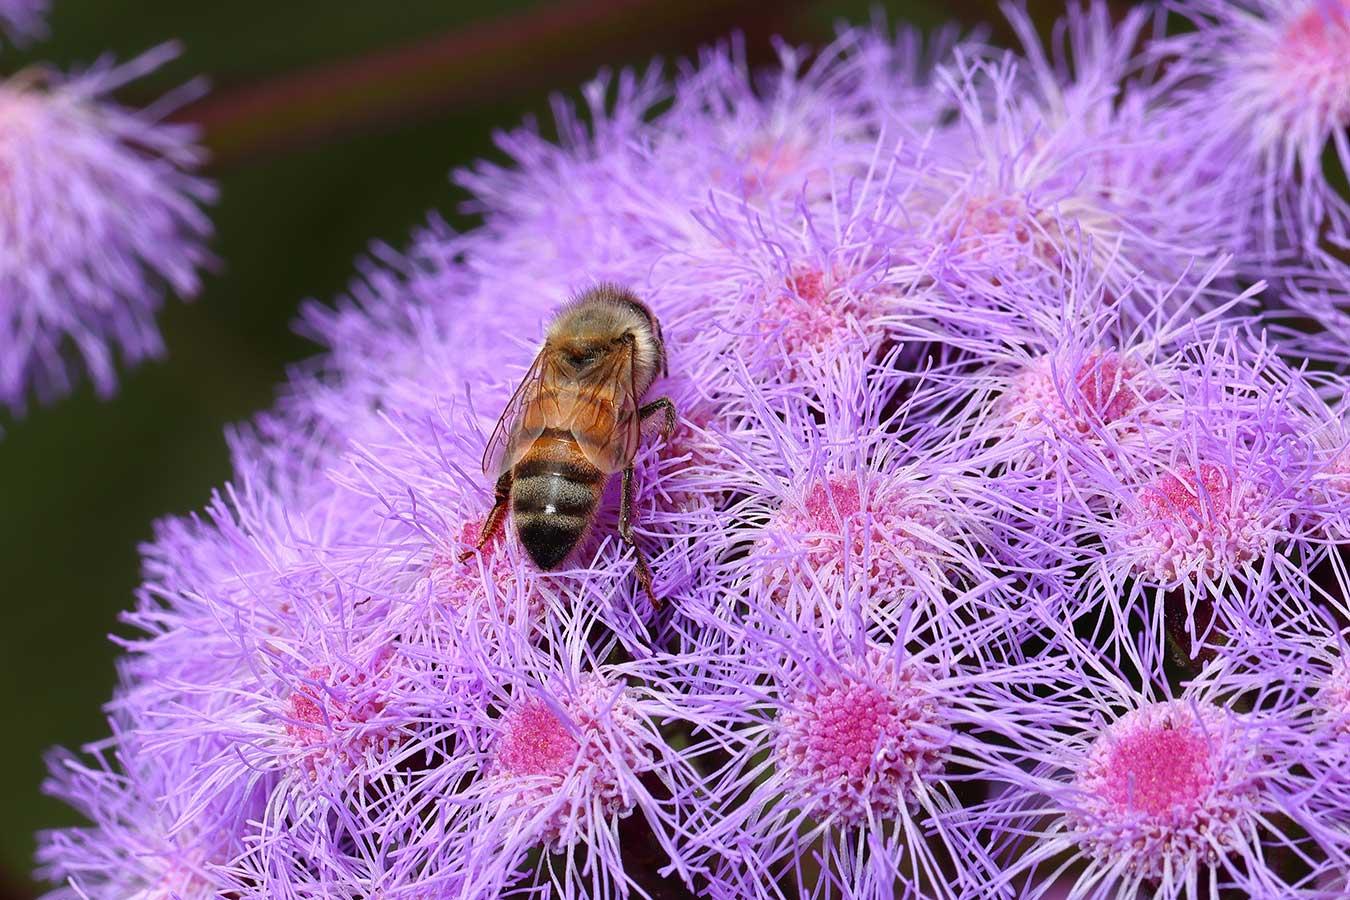 macro-bee-on-flower-by-phillip-reid